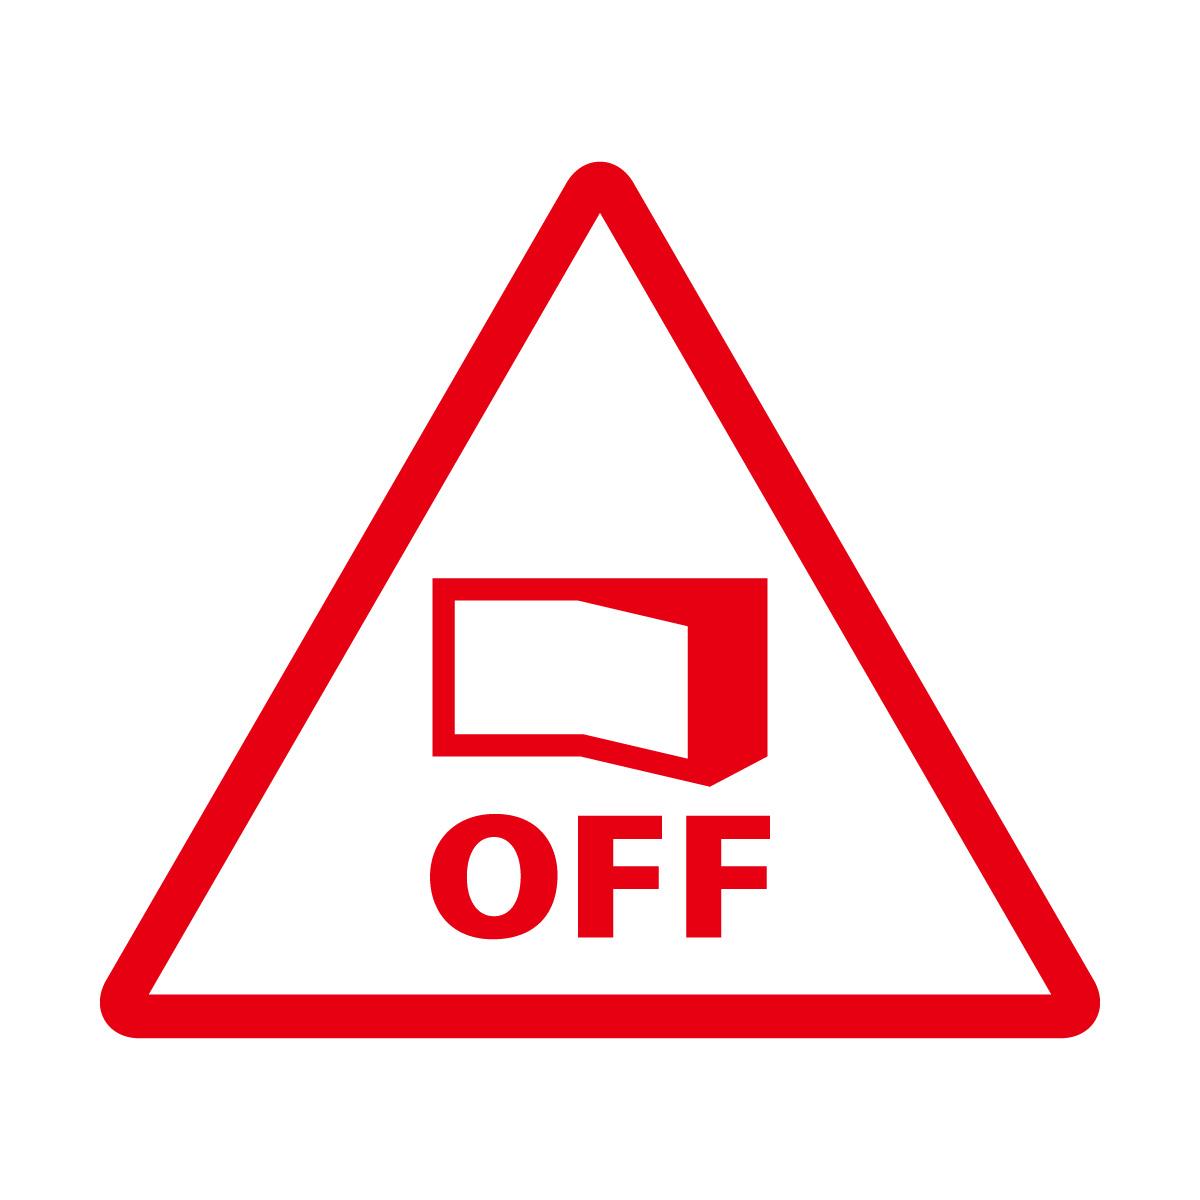 赤色の節電注意・電源OFF確認マークのカッティングステッカー・シール 光沢タイプ・防水・耐水・屋外耐候3~4年